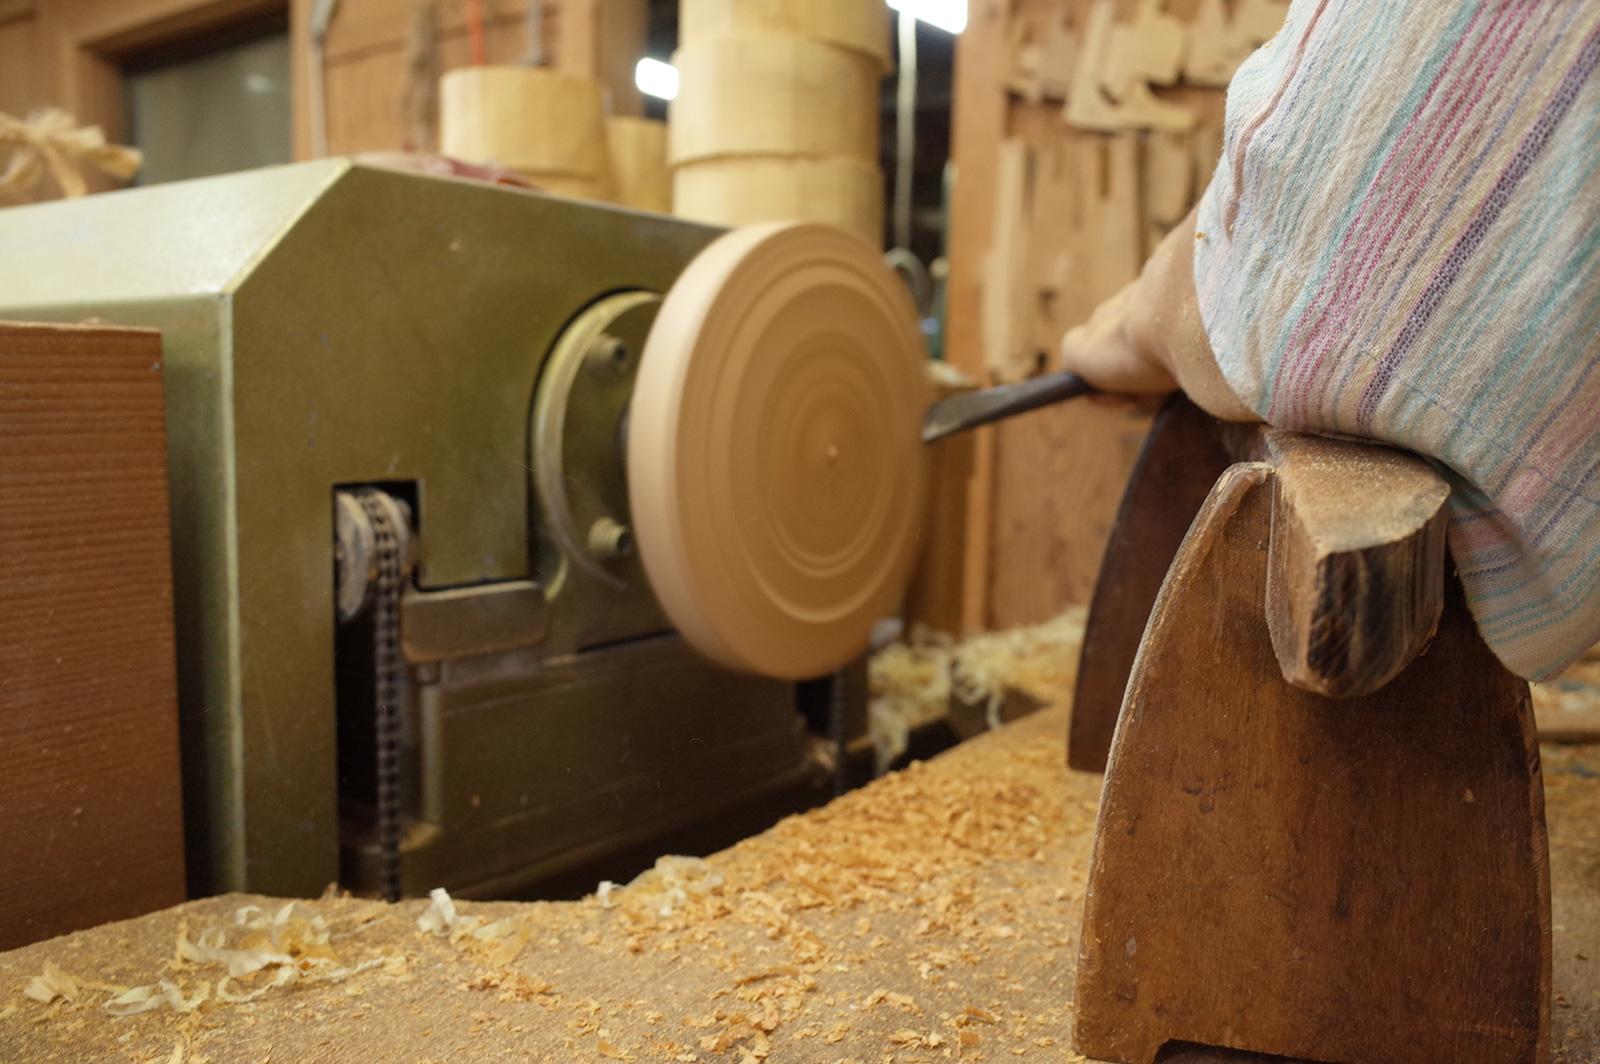 木工ロクロを使った器の荒削り